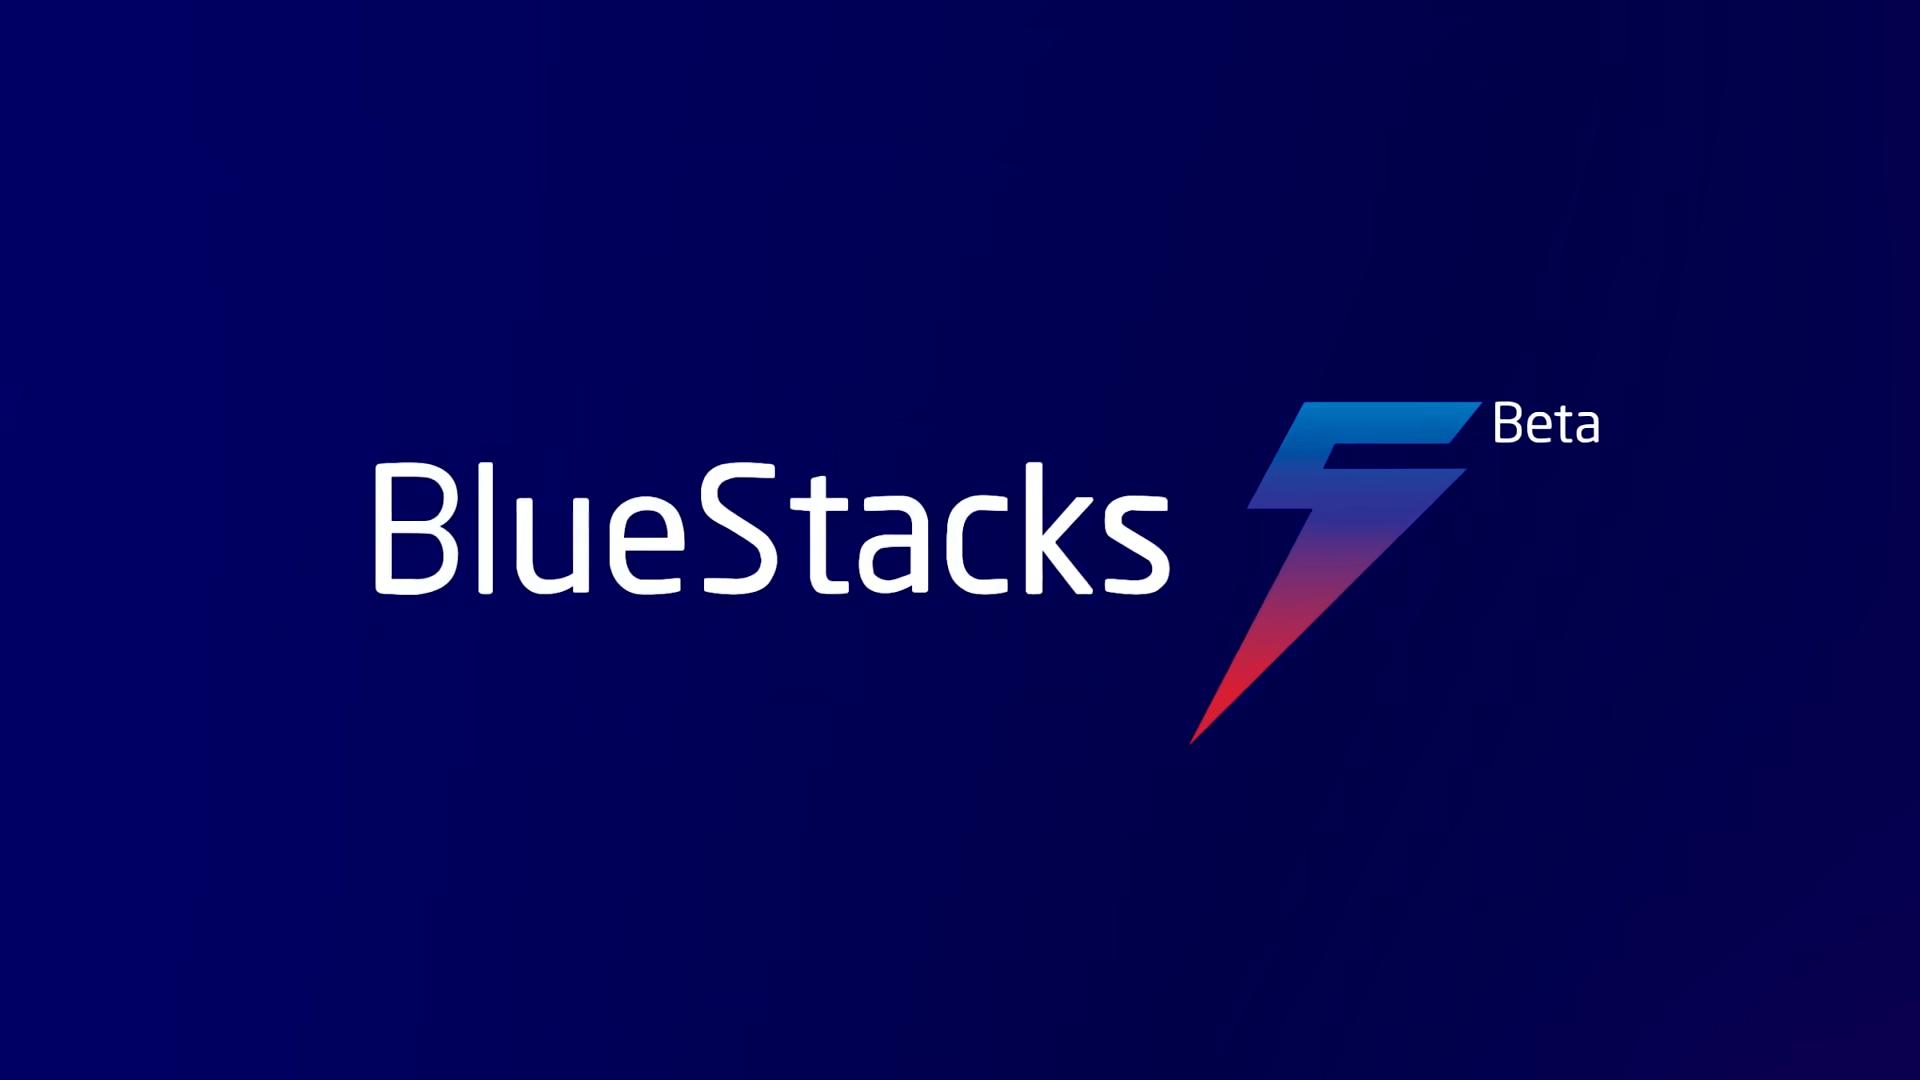 BlueStacks 5でプレイすべき7つの理由